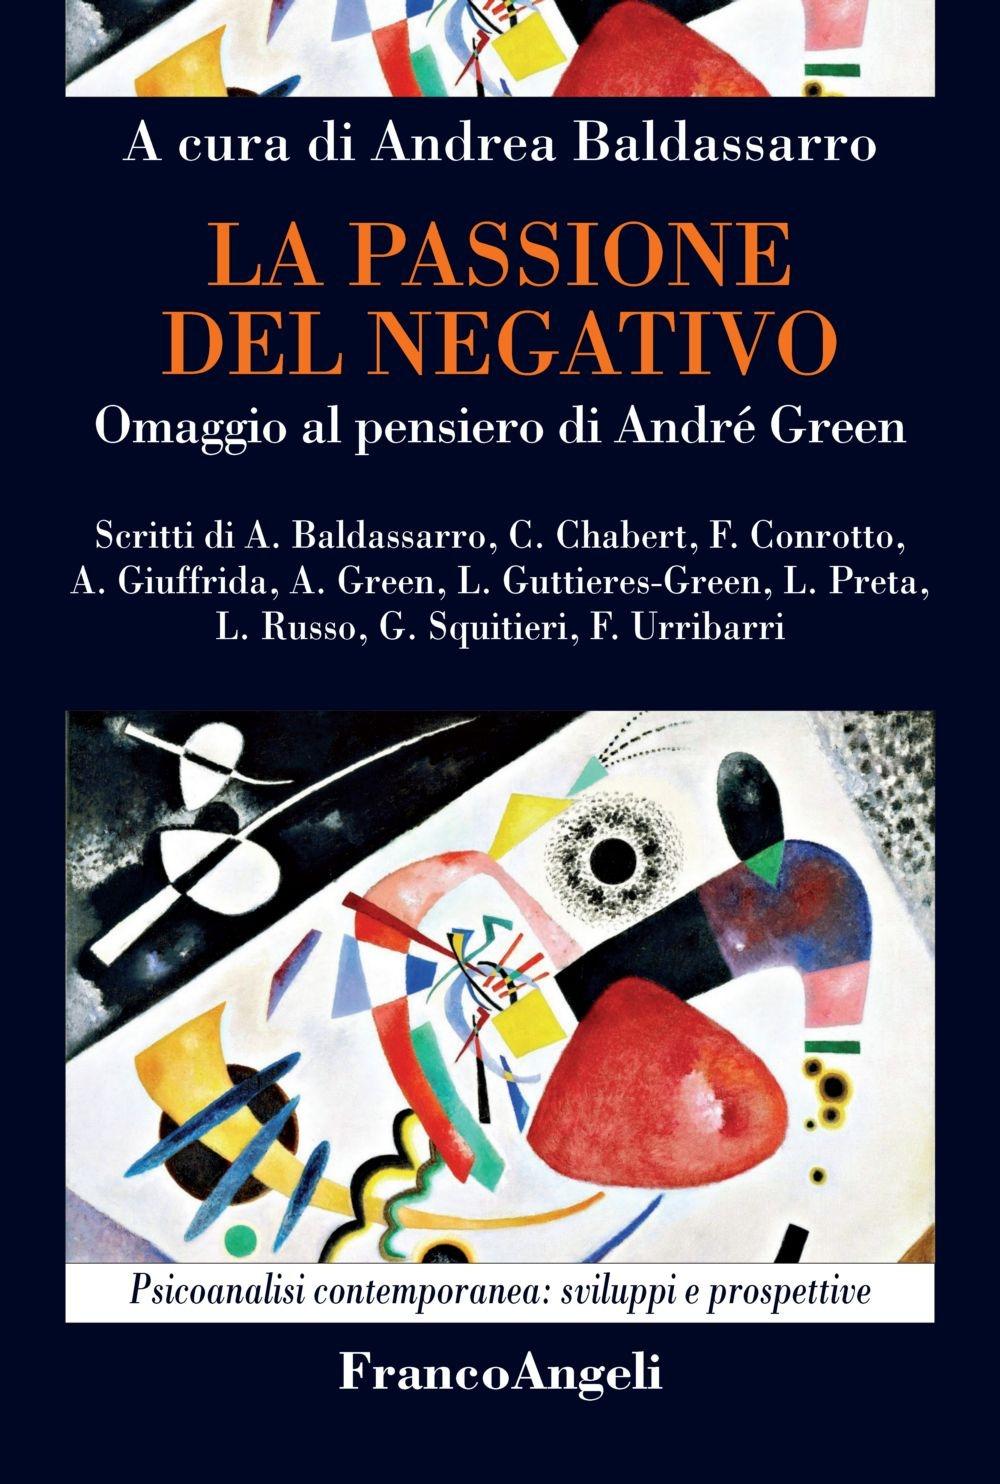 La passione del negativo. Omaggio al pensiero di André Green.